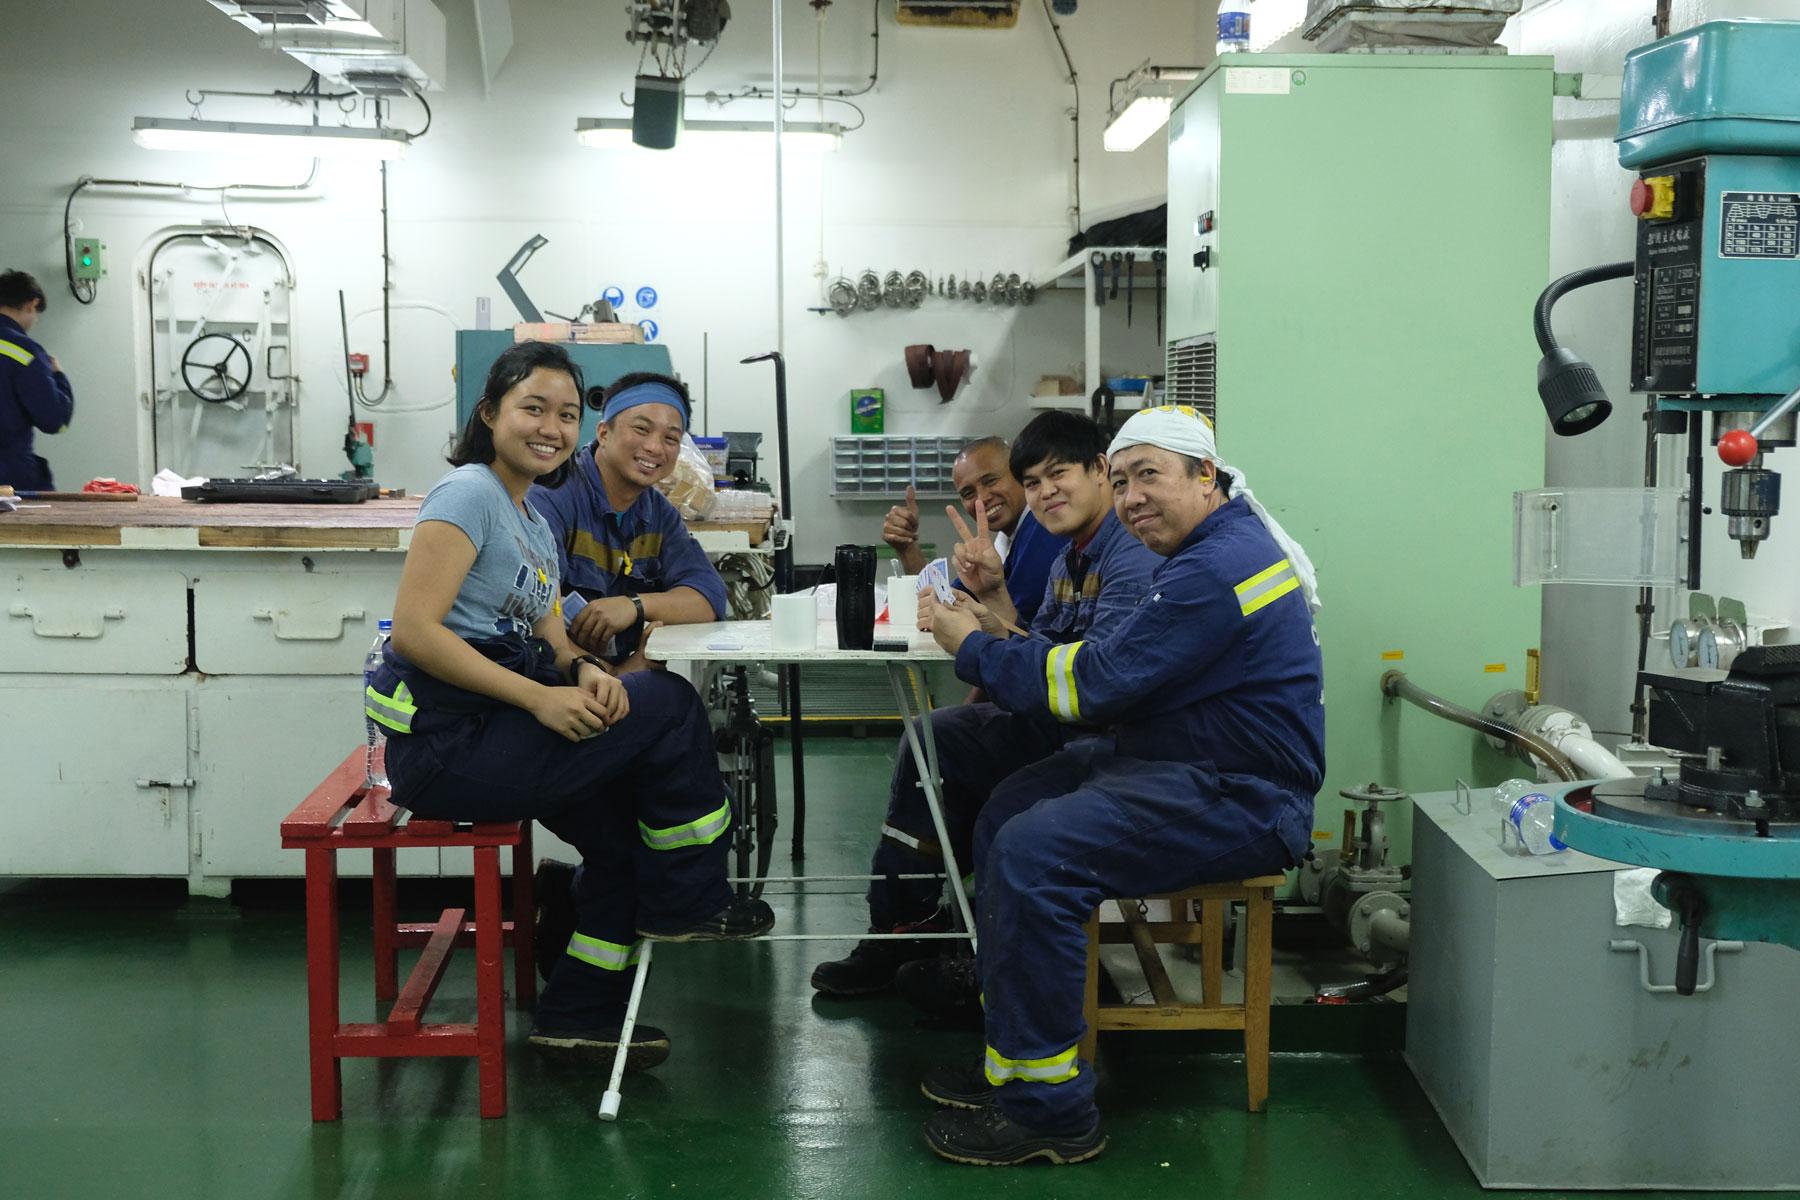 Die philippinische Besatzung eines Containerschiffs sitzt an eine Tisch.